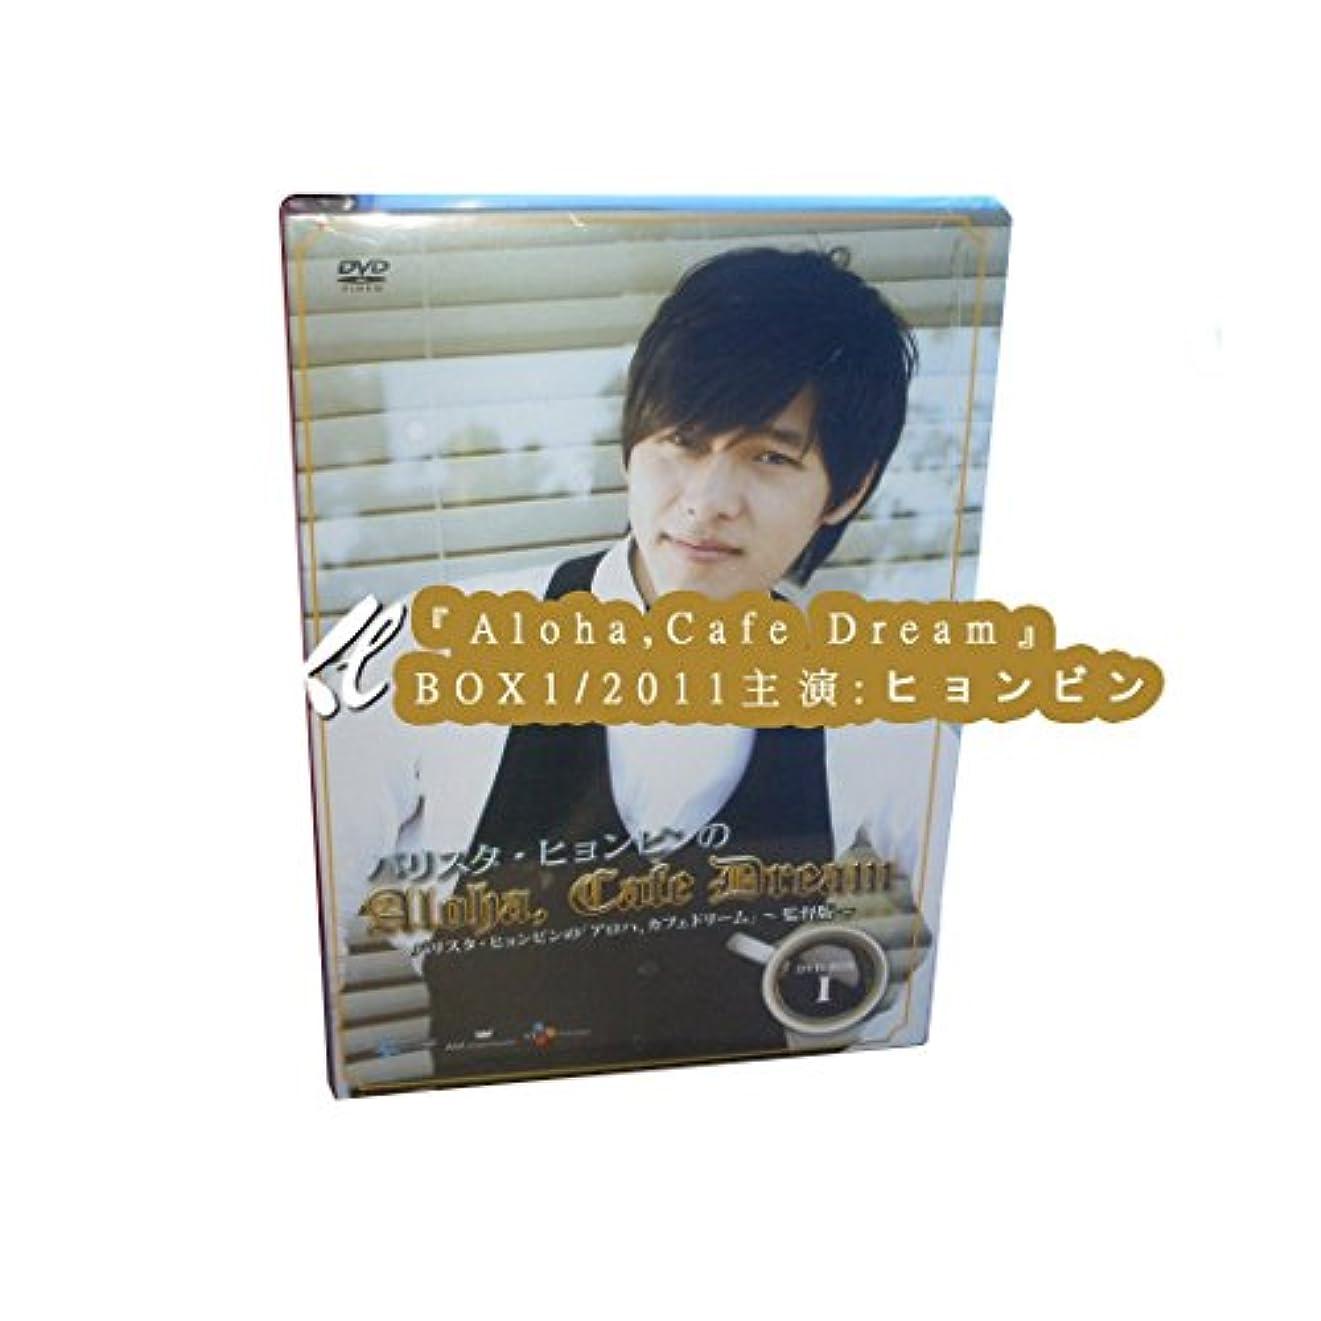 オンスメイエラコーン『Aloha,Cafe Dream』 BOX 1 2011 主演: ヒョンビン